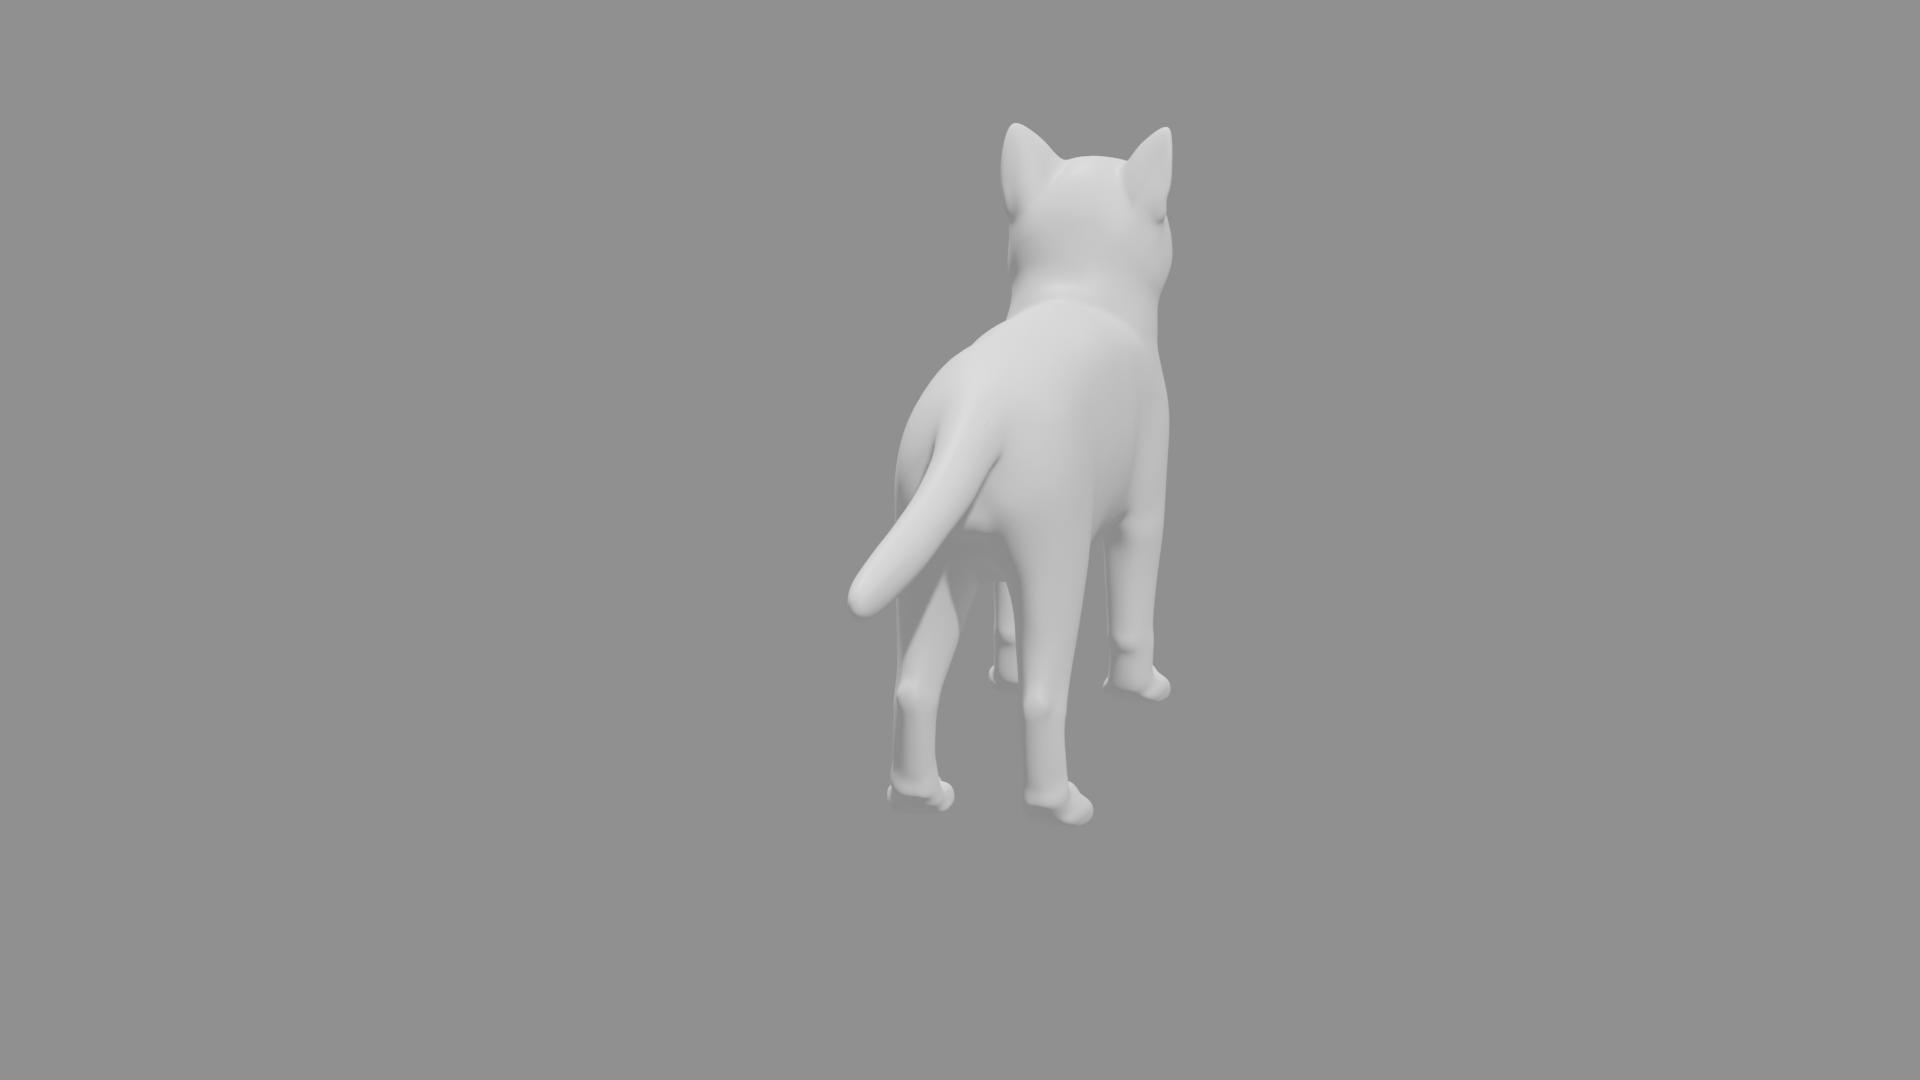 Cat5.png Télécharger fichier STL gratuit Chat • Modèle pour impression 3D, osayomipeters